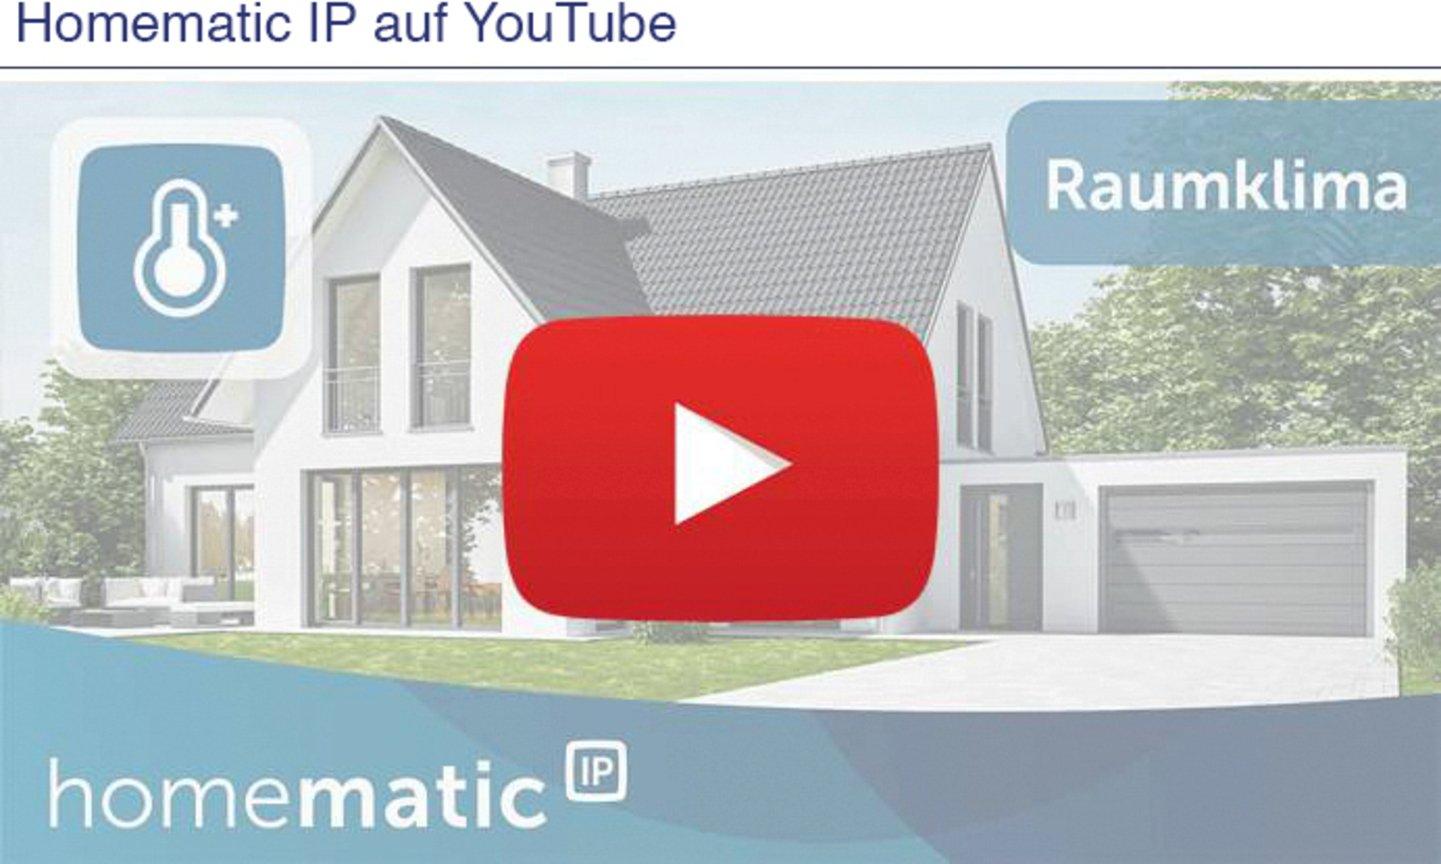 Homematic IP auf Youtube